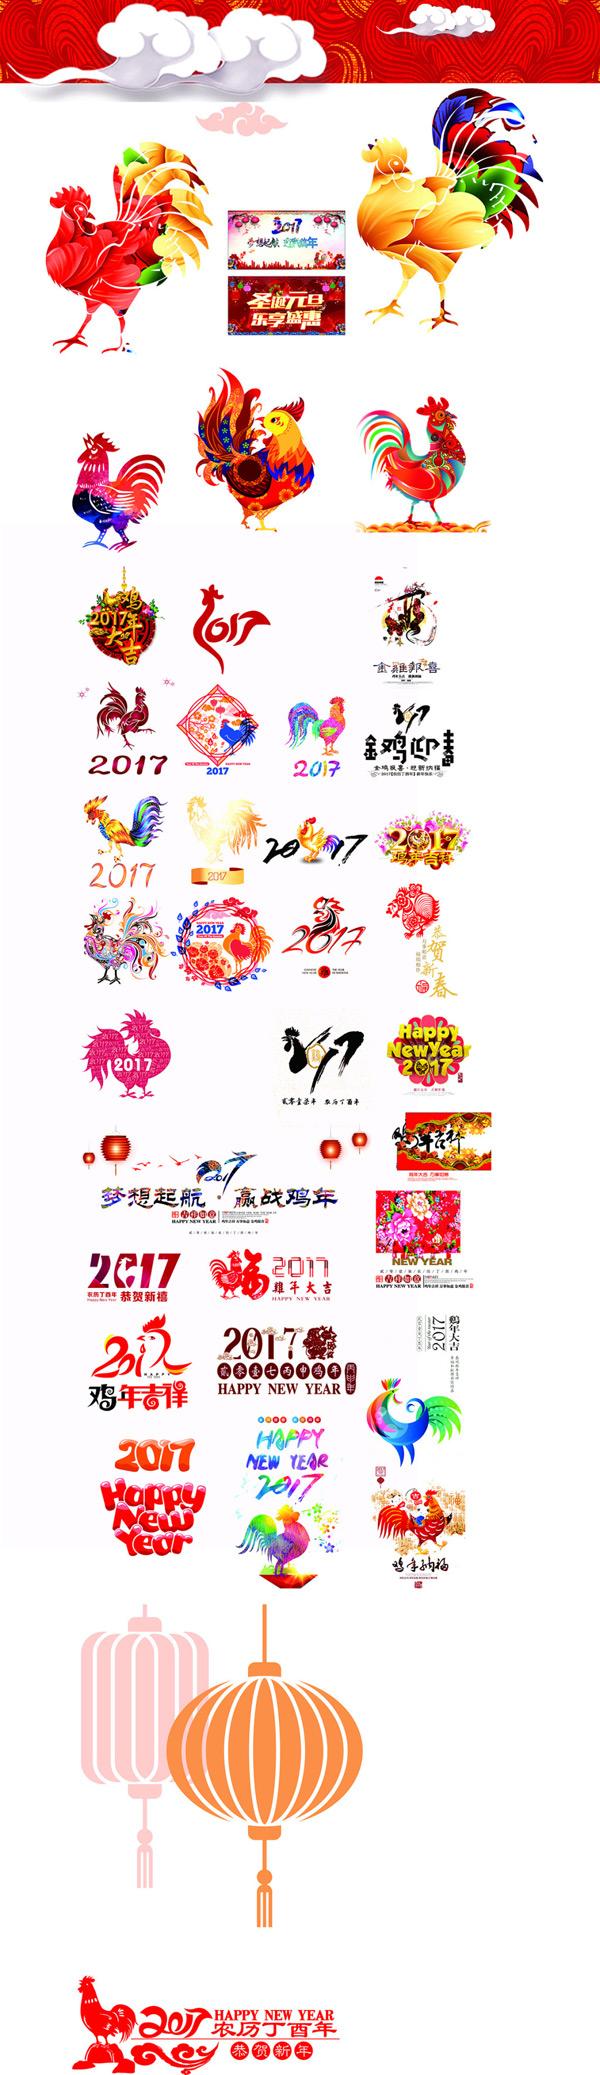 新年素材,鸡年素材,金鸡吉祥,金鸡迎春,金鸡,公鸡,鸡年大吉,梦想起航